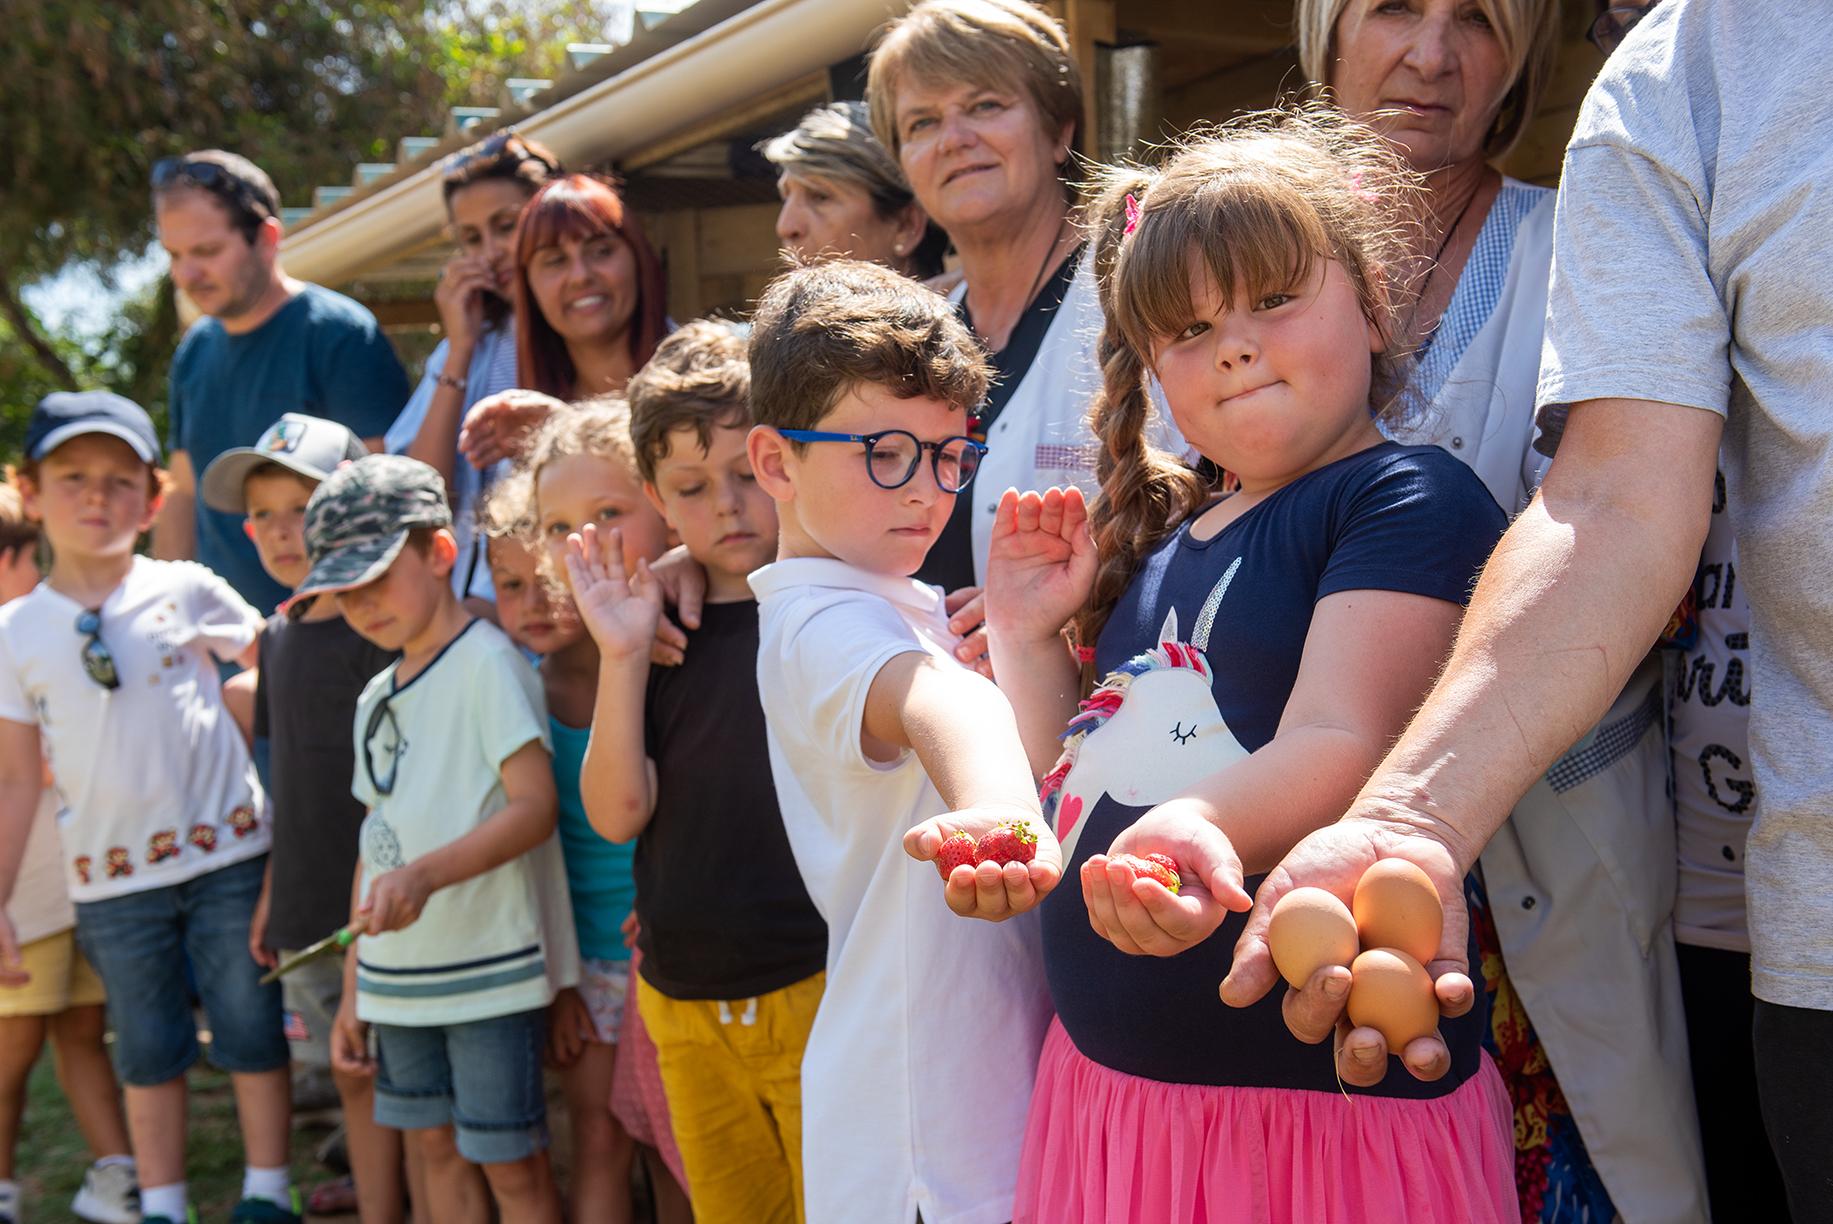 Le poulailler de la maternelle de Pietralba remporte le 1er prix des Trophées du développement durable